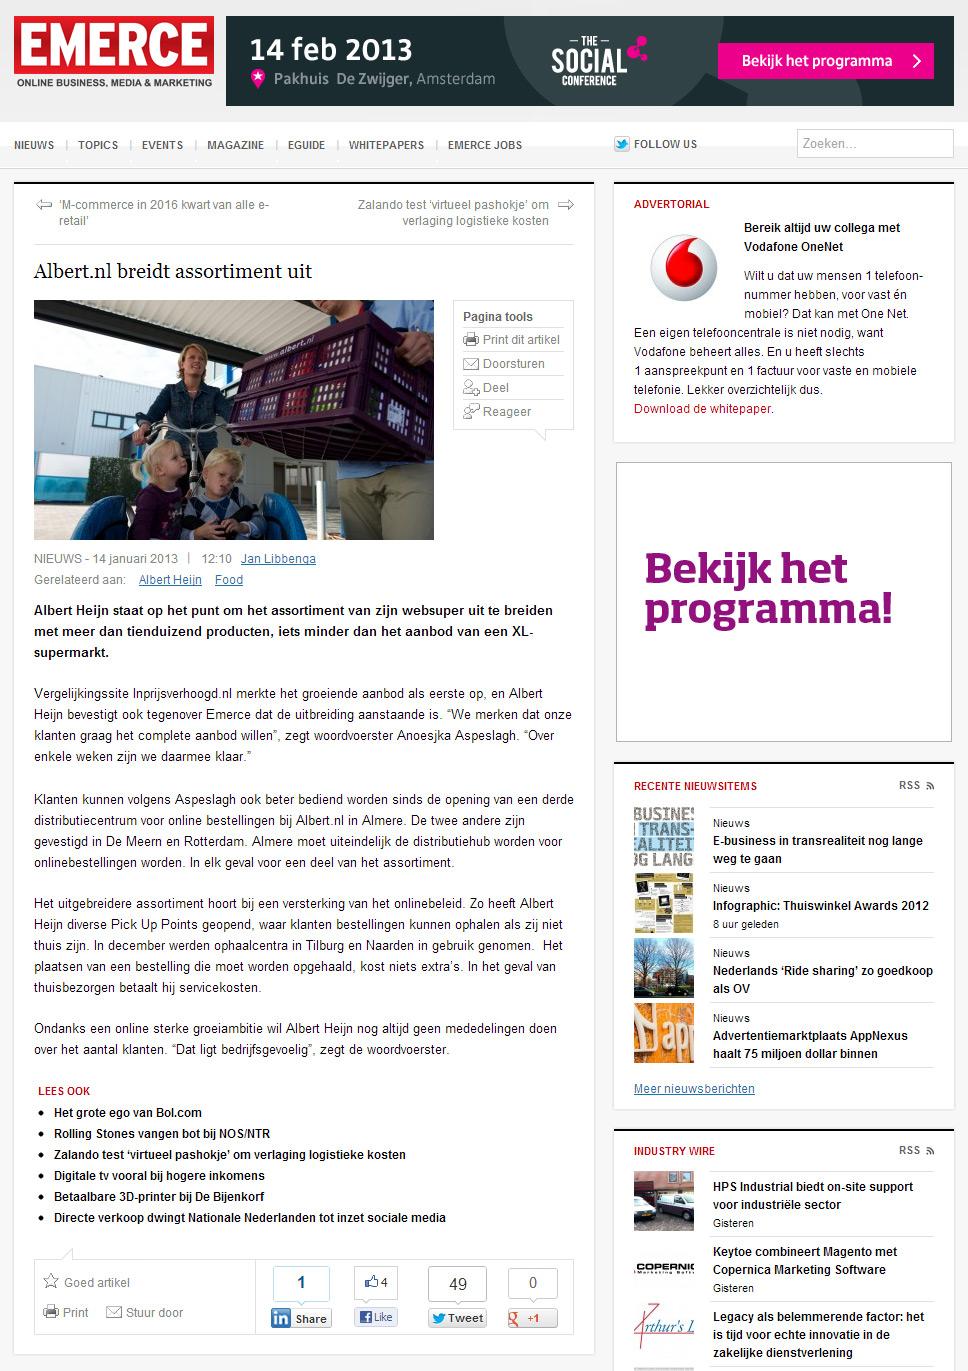 Emerce: Albert.nl breidt assortiment uit